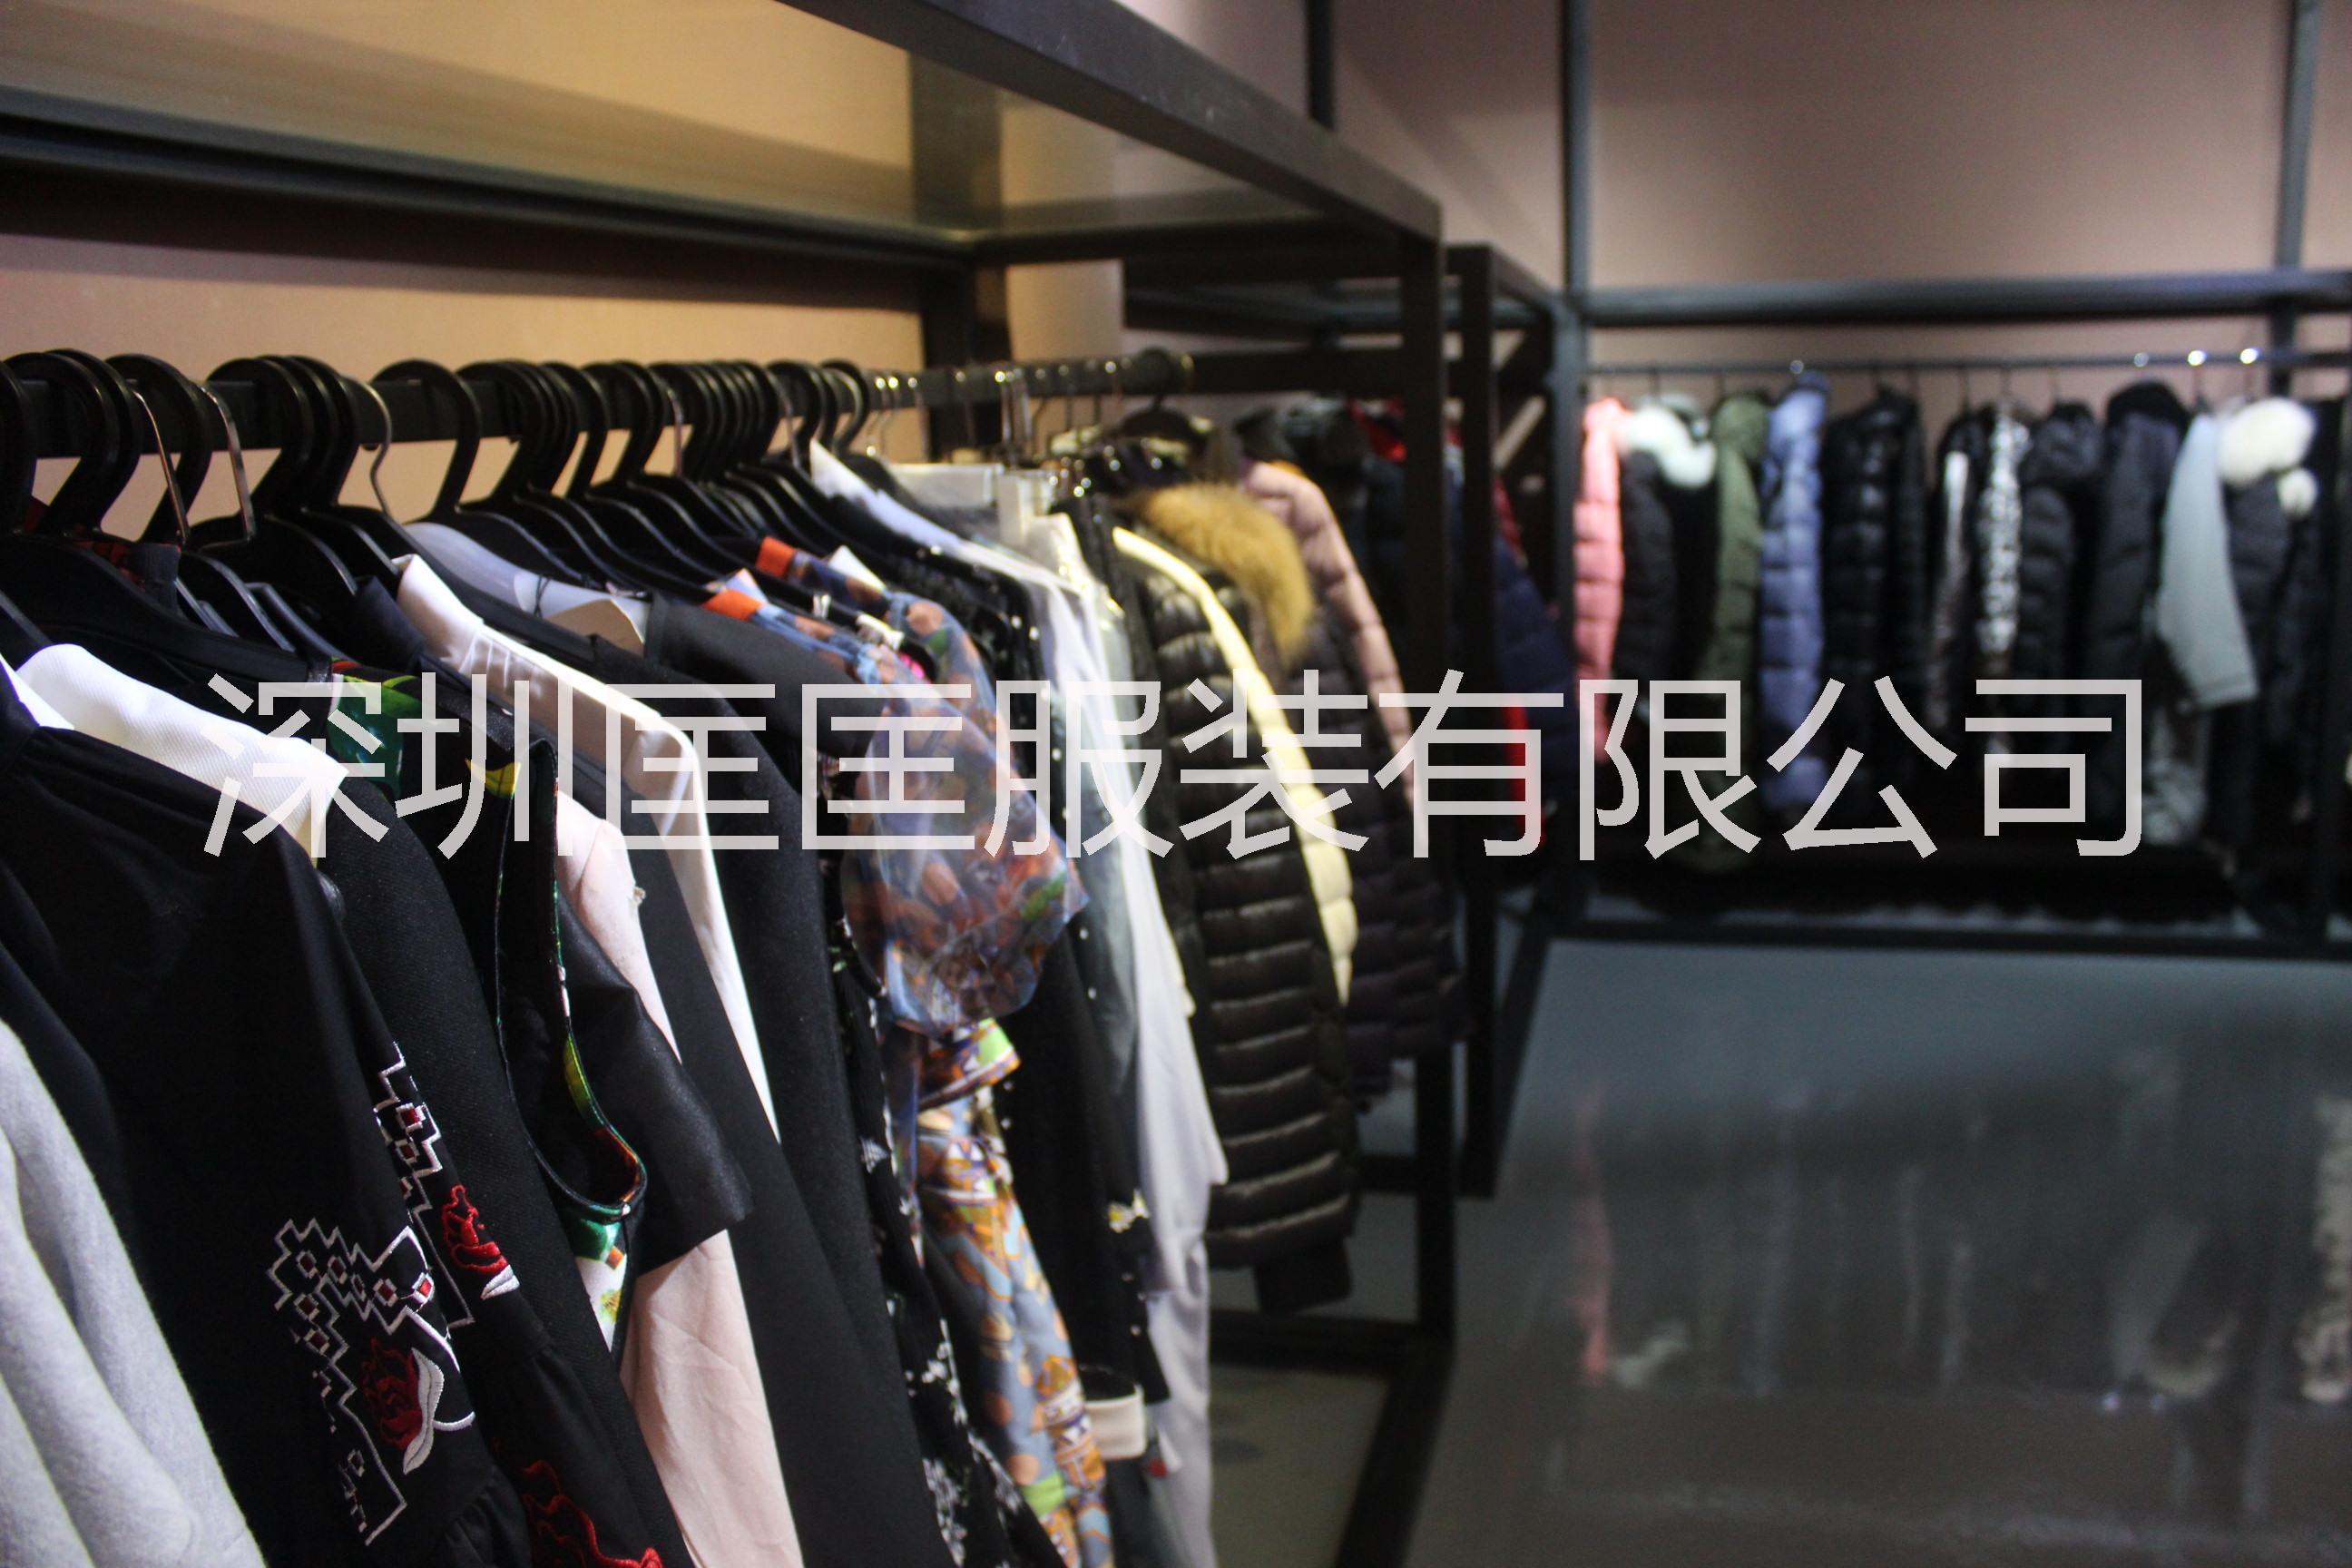 羽绒服生产厂家 羽绒服生产厂家定做羽绒服